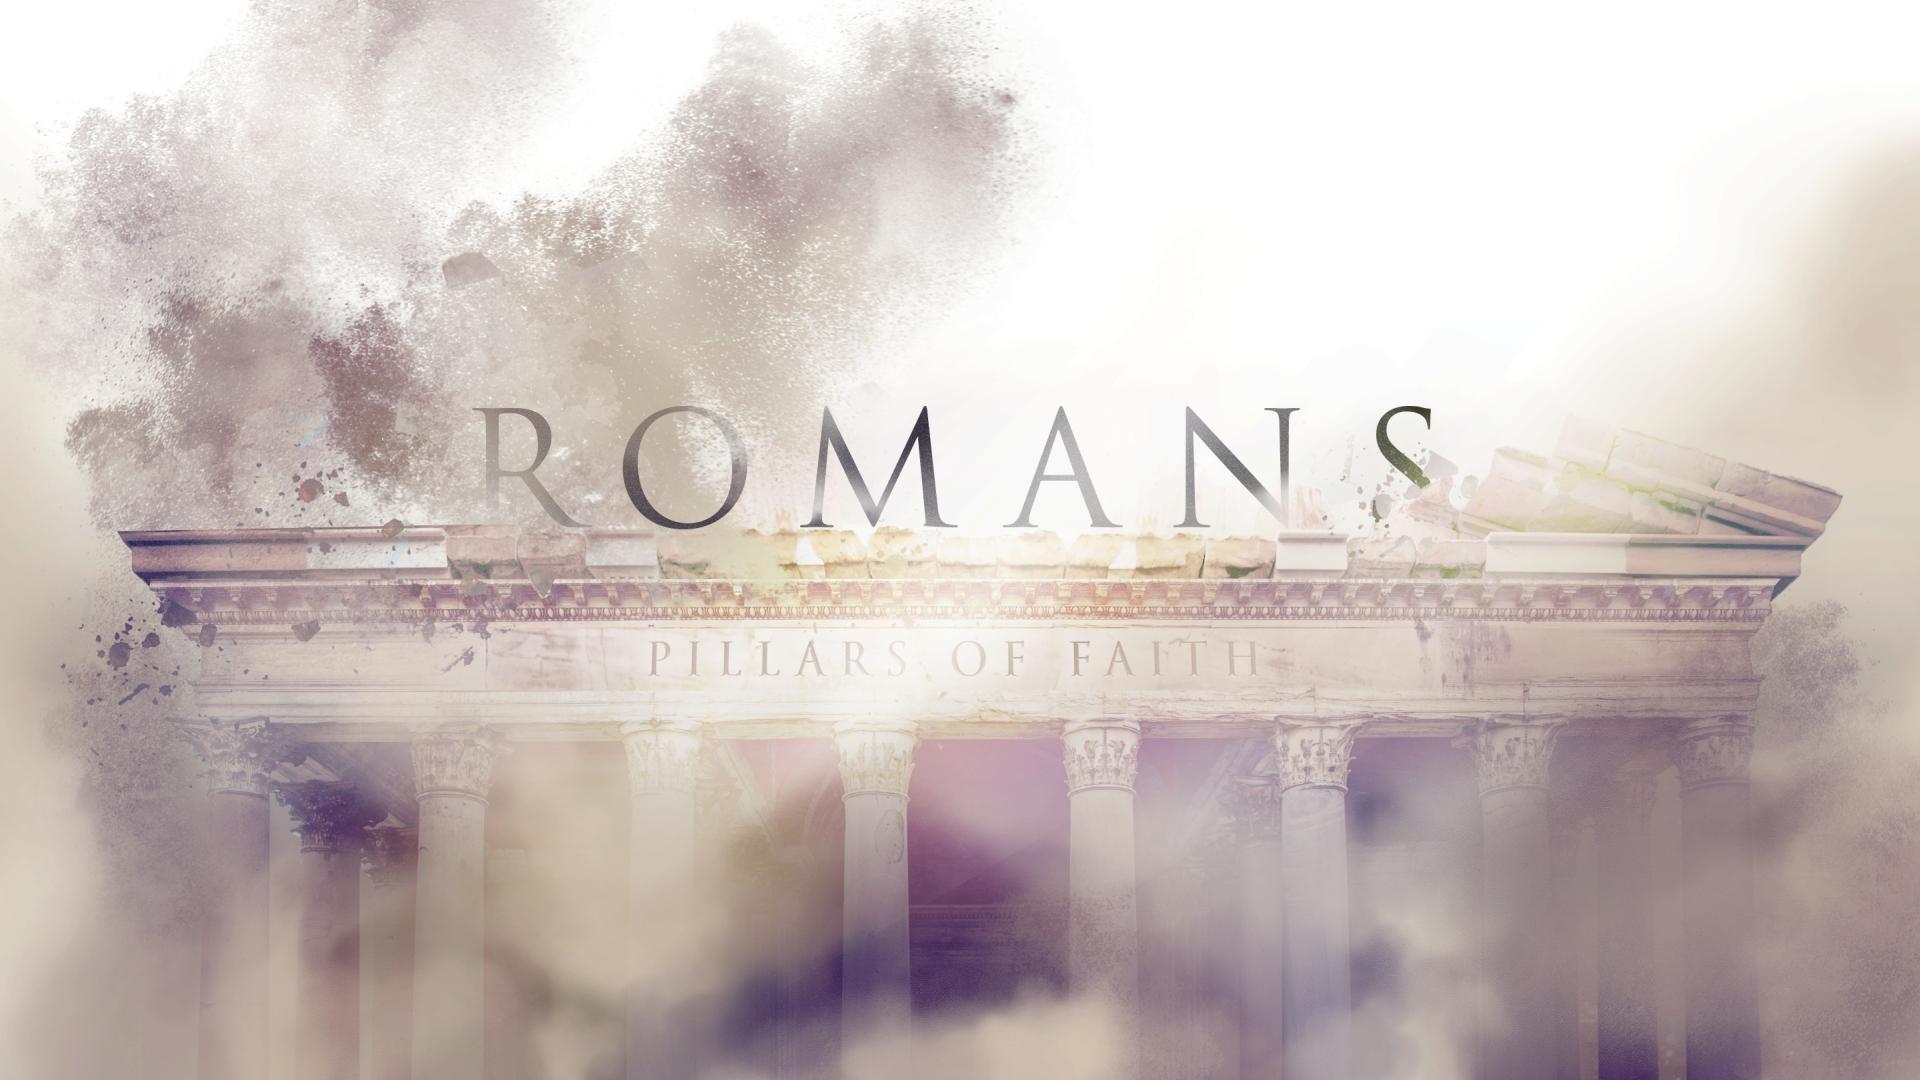 Romans: Pillars of Faith